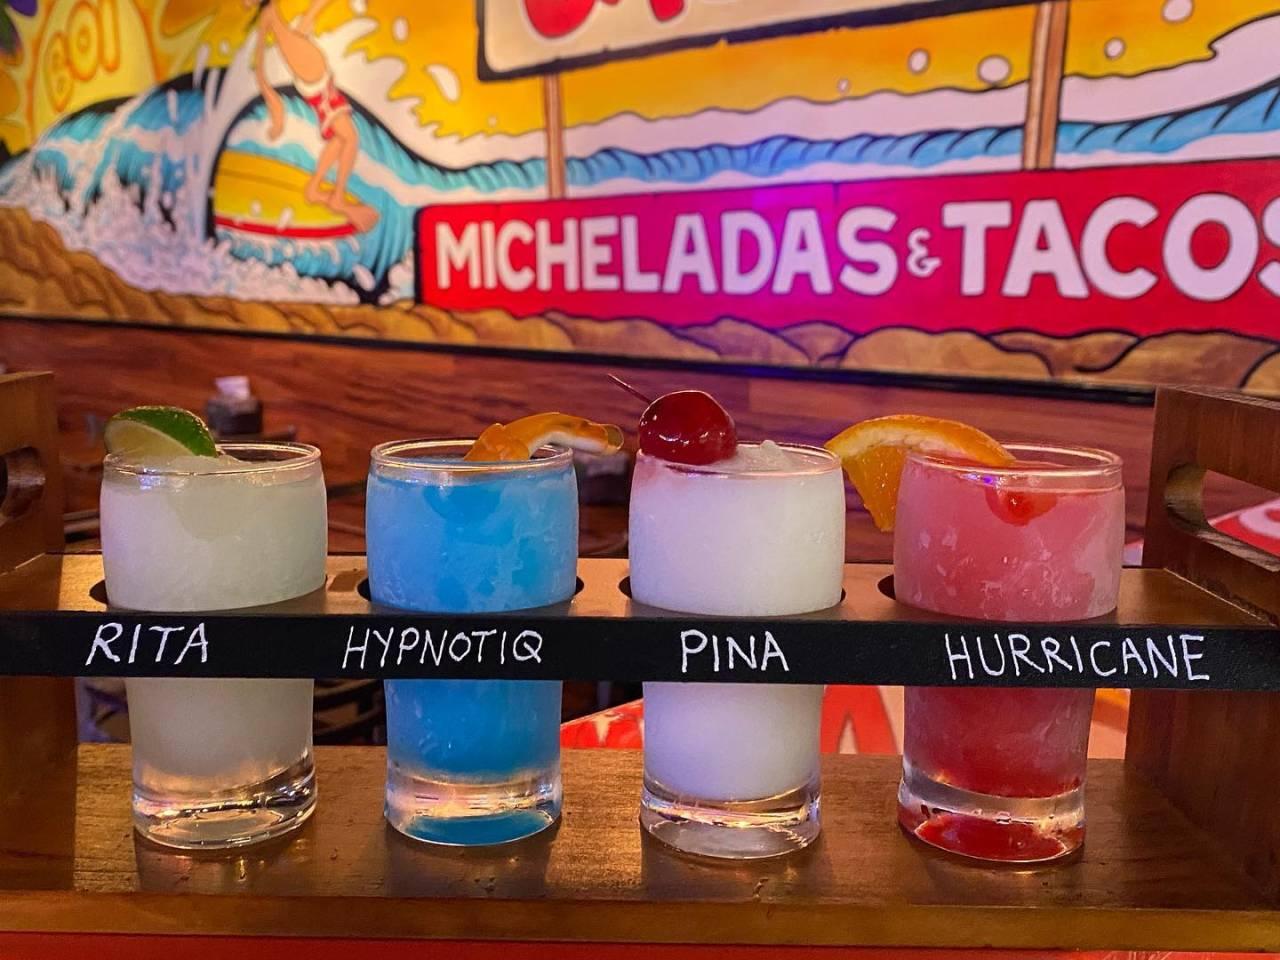 Vintage Crown Micheladas & Tacos